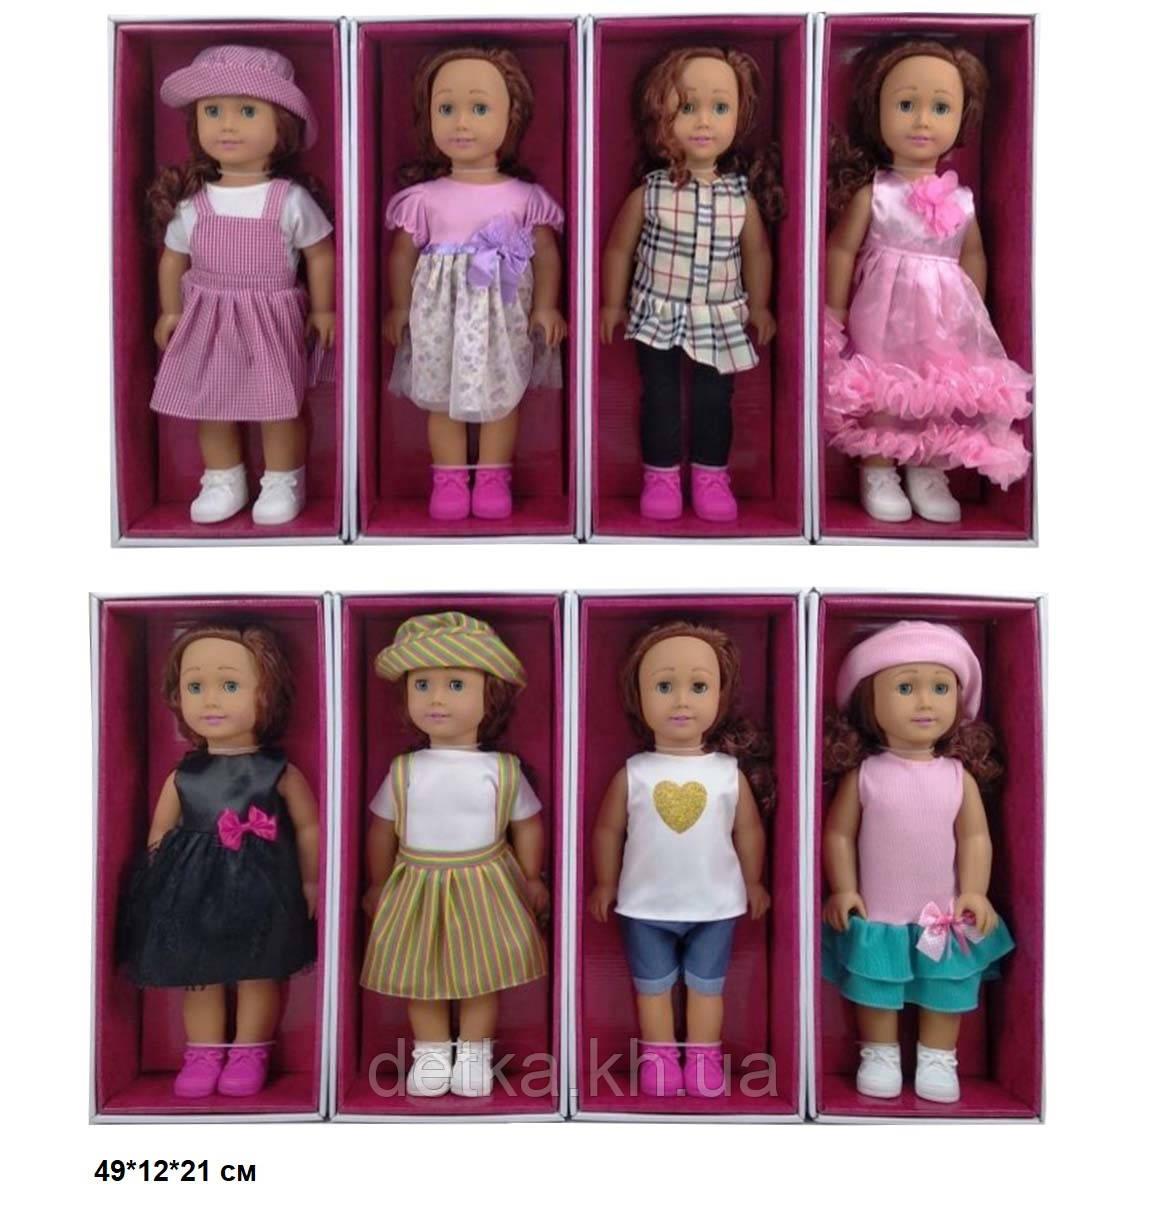 Кукла 46см 8920С American girls моргает 4в.кор.49*12*21